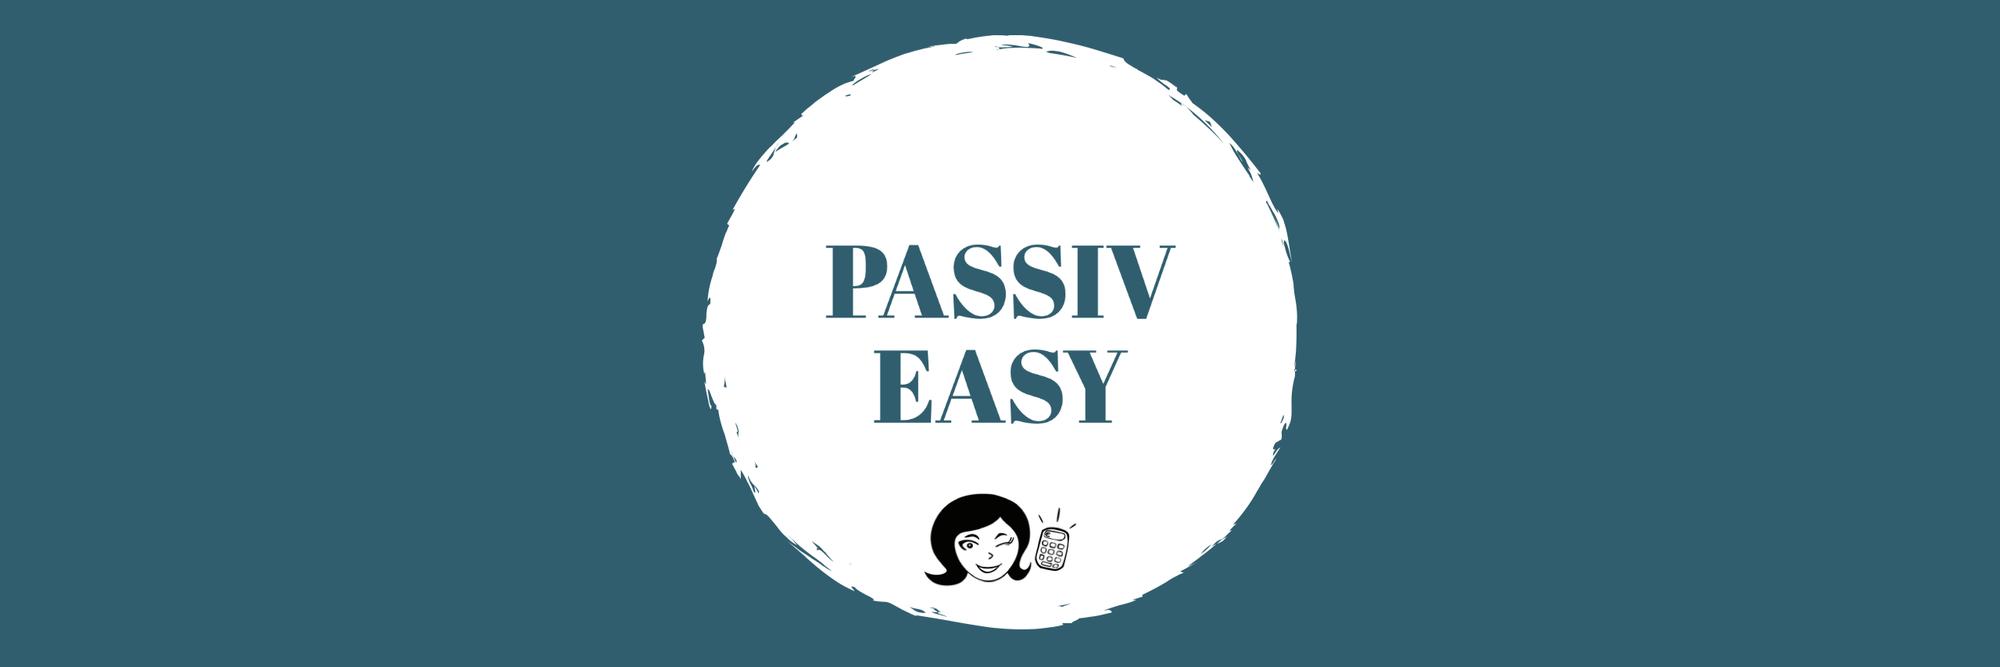 Die unschlagbaren Vorteile des passiven Investierens